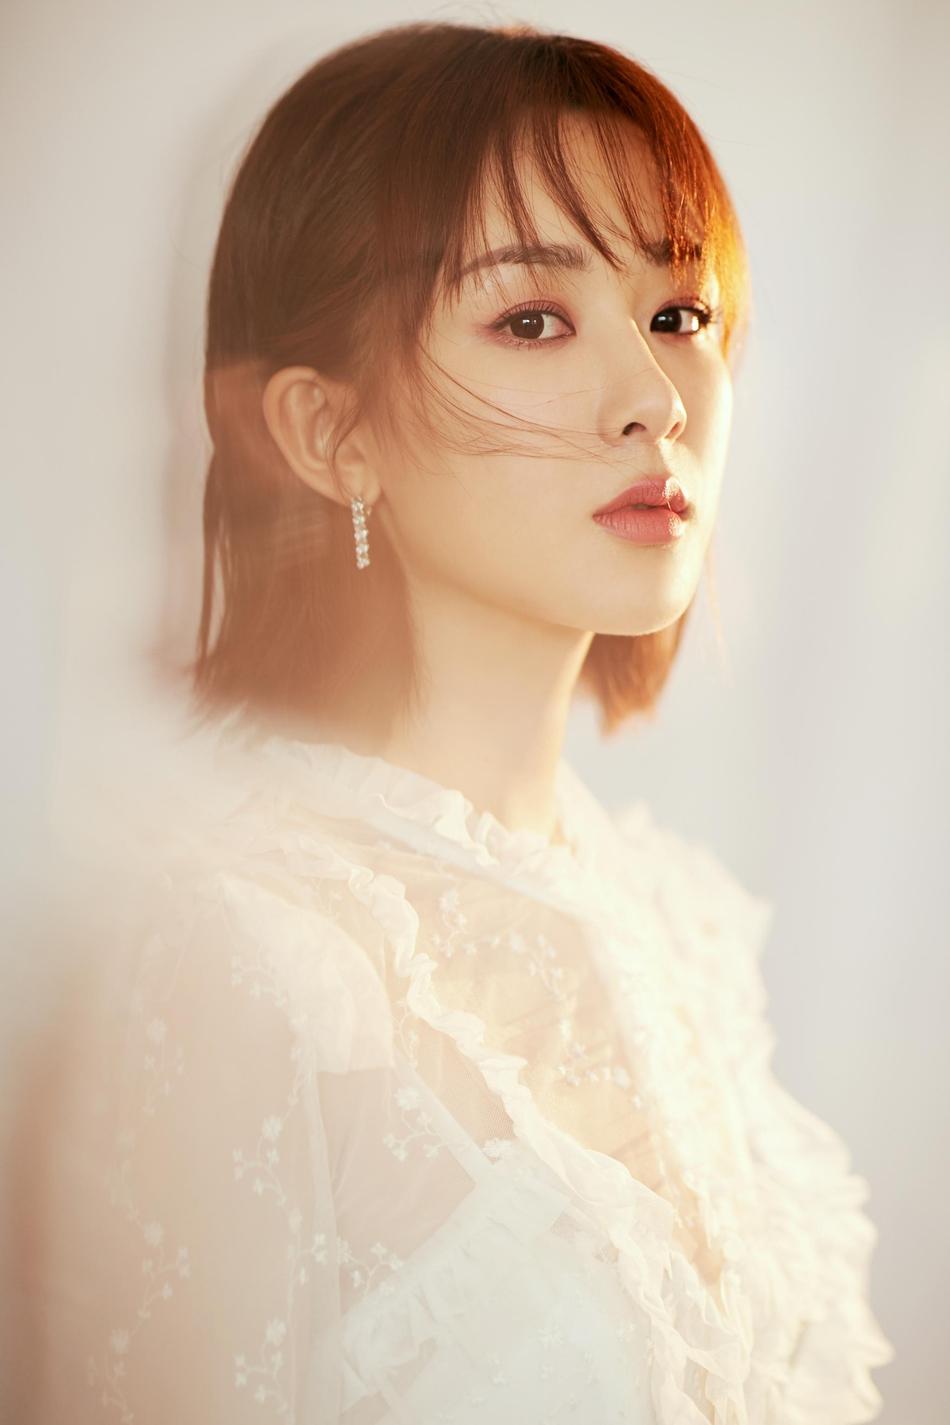 杨紫身穿纯白蕾丝透视长裙 仙气十足清纯可爱